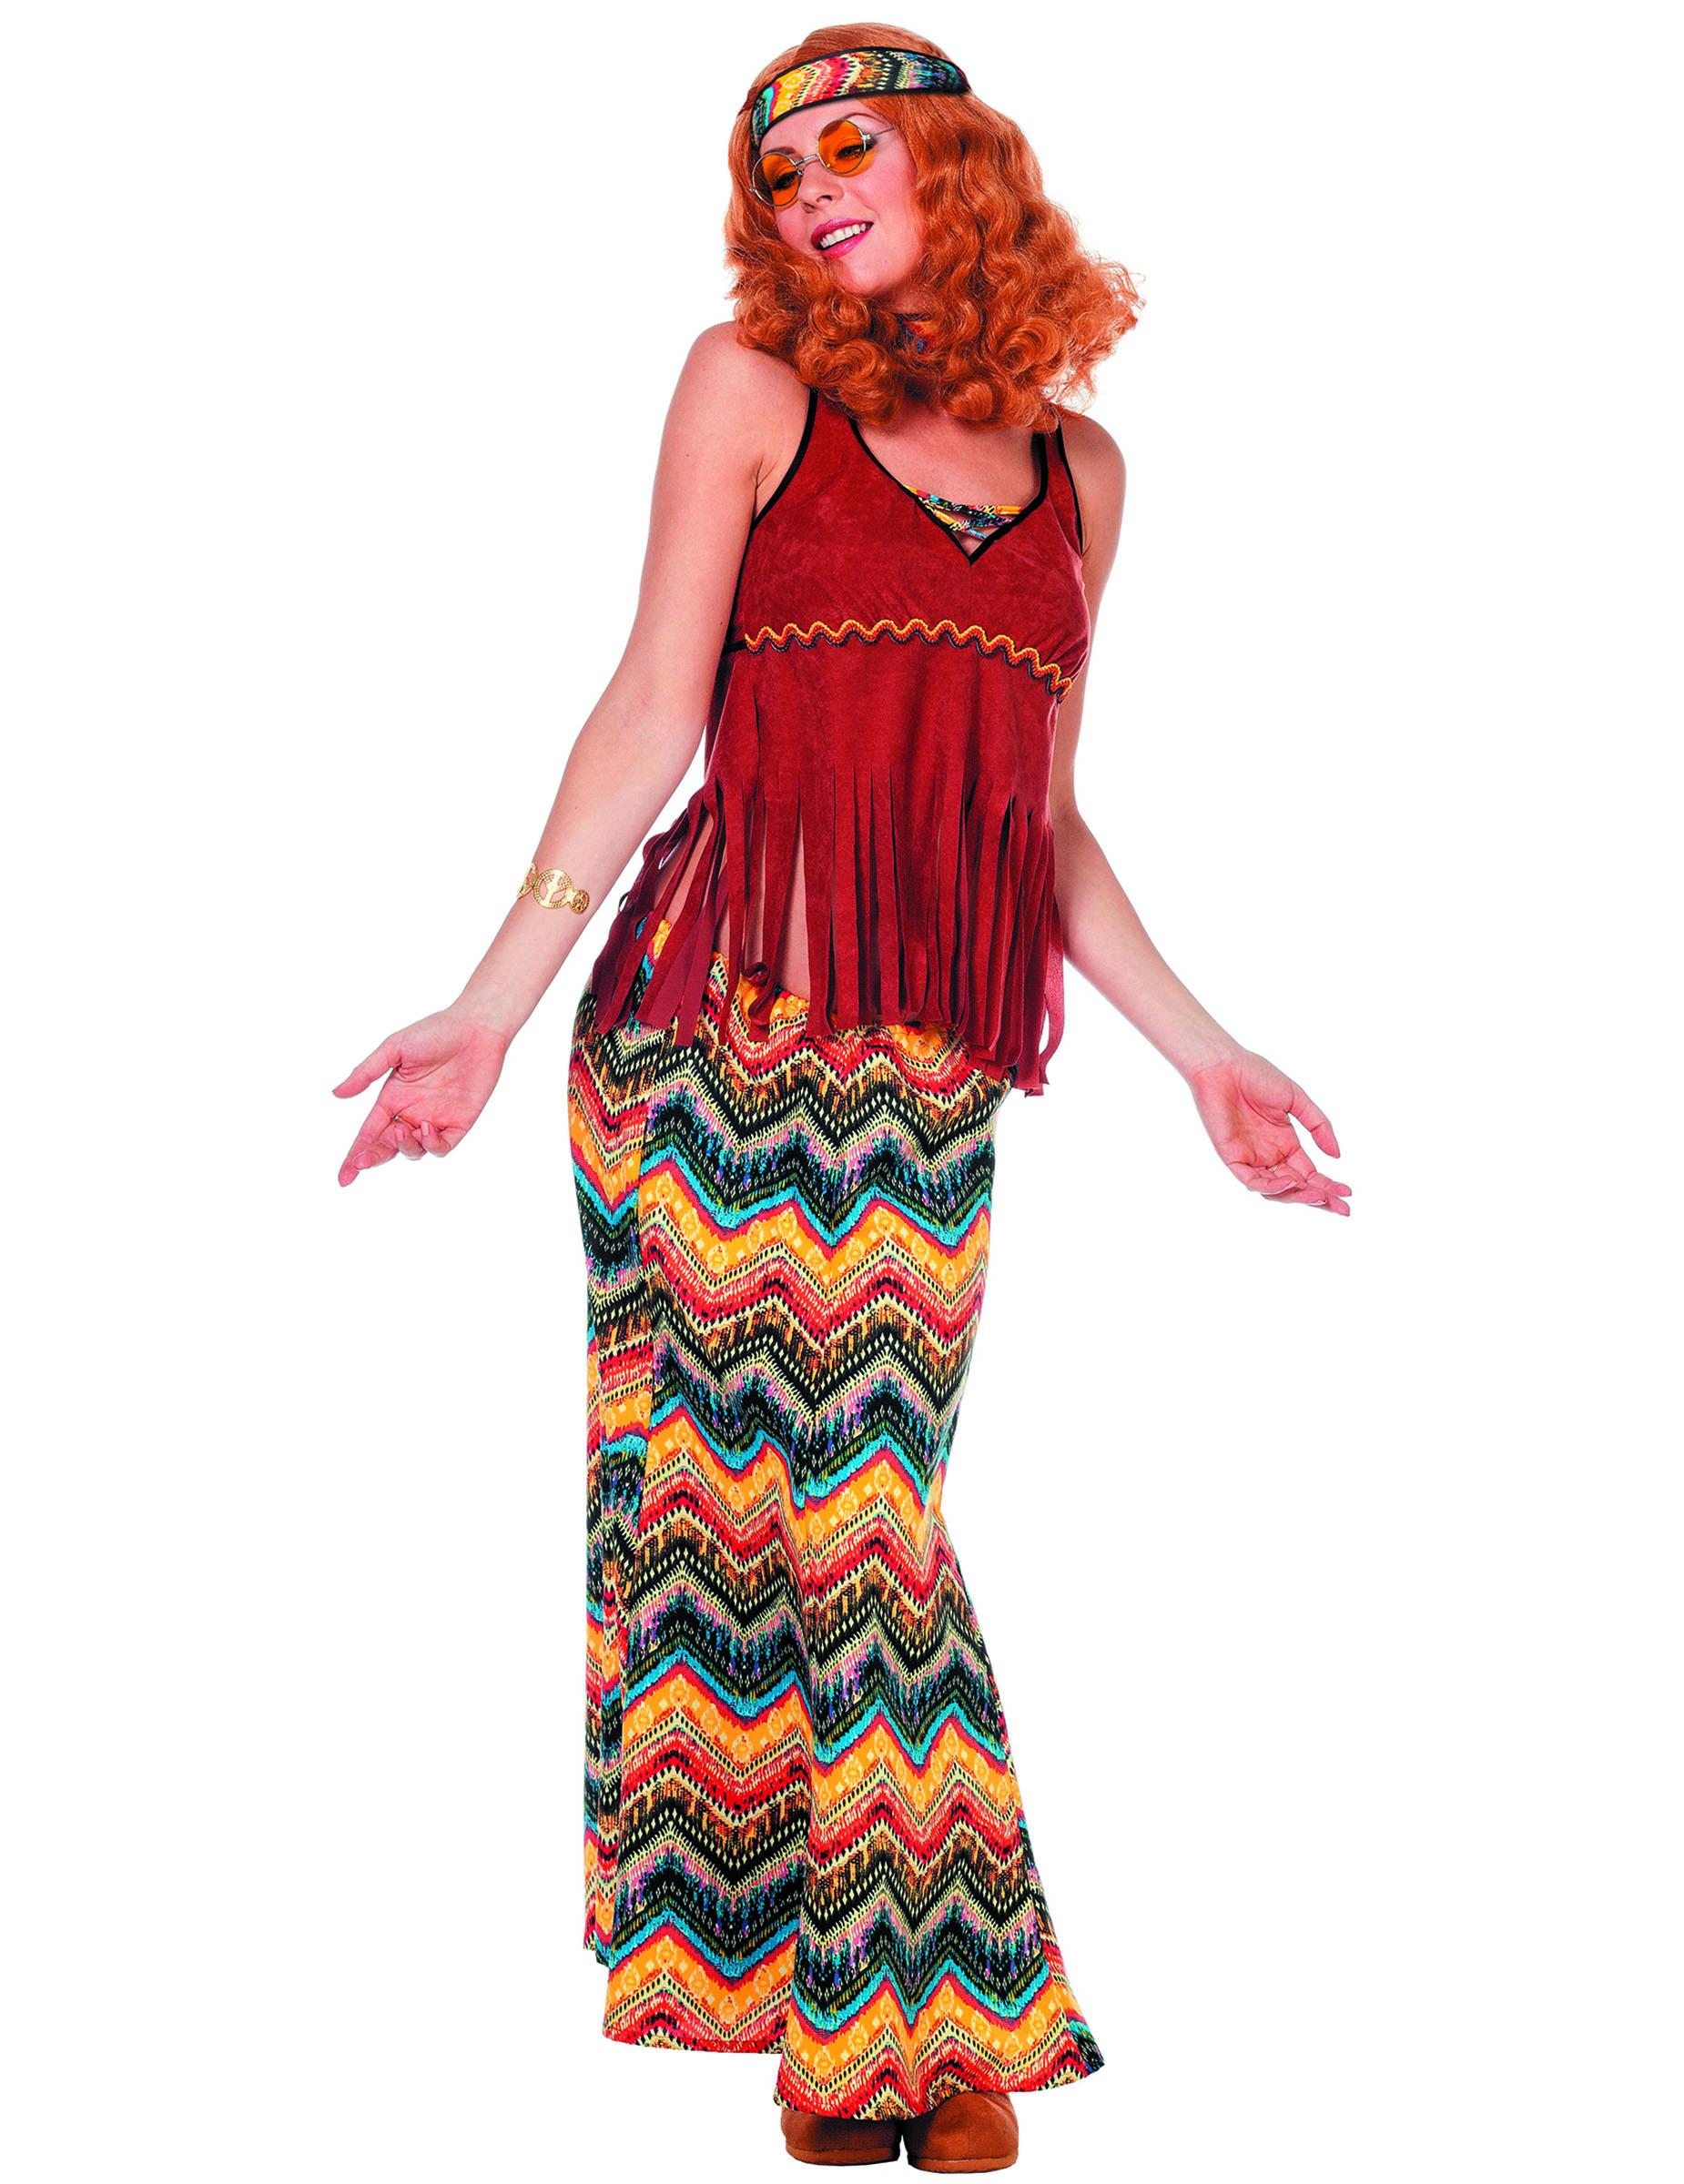 D guisement hippie ann es 70 franges femme deguise toi achat de d guisements adultes - Hippie annee 70 ...